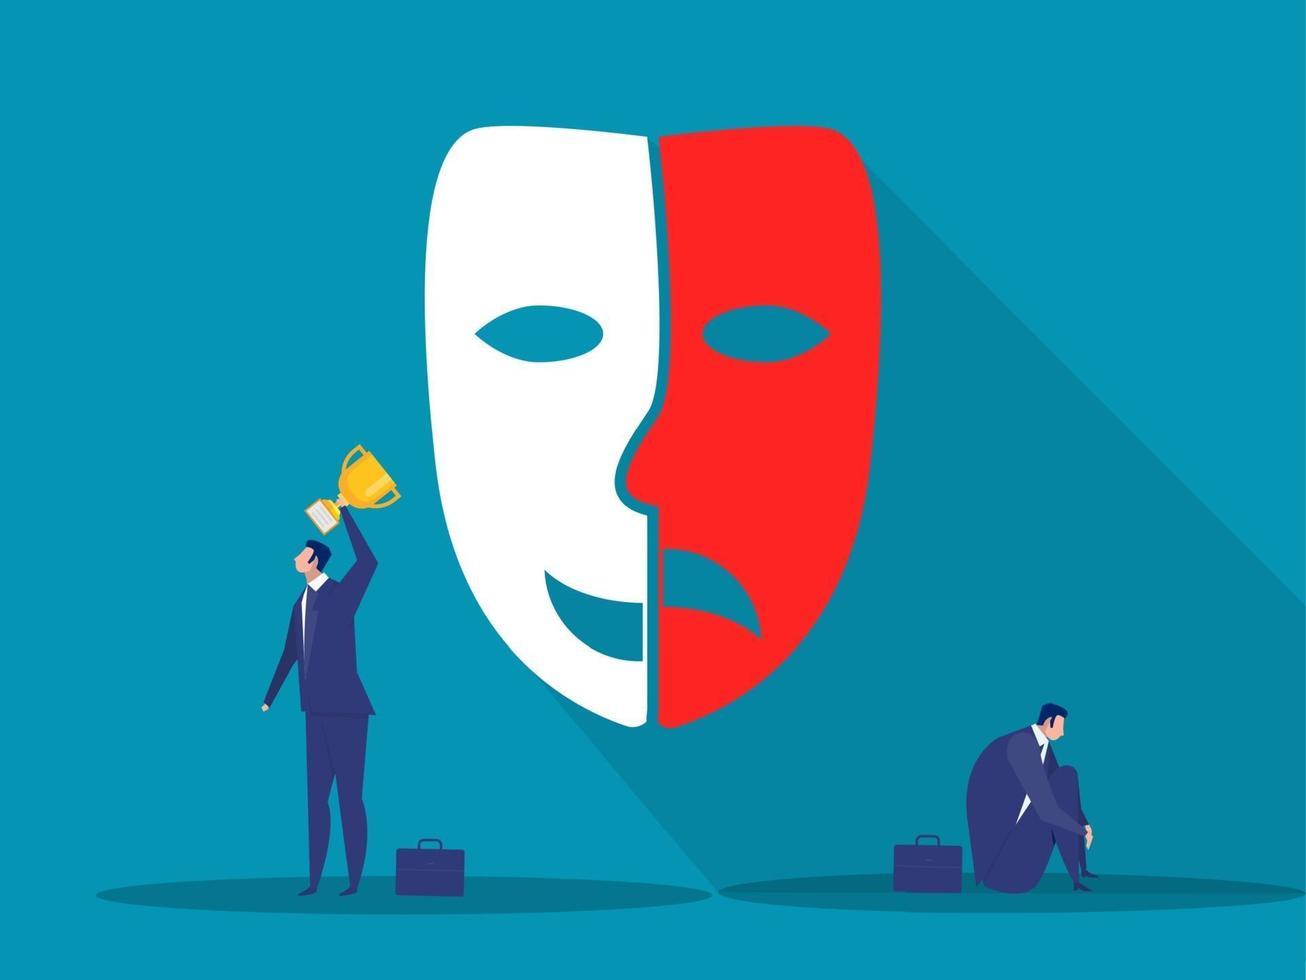 síndrome del impostor. hombre de pie con trofeo y hombre sentado con sombra de miedo detrás. ansiedad y falta de confianza en uno mismo en el trabajo. vector